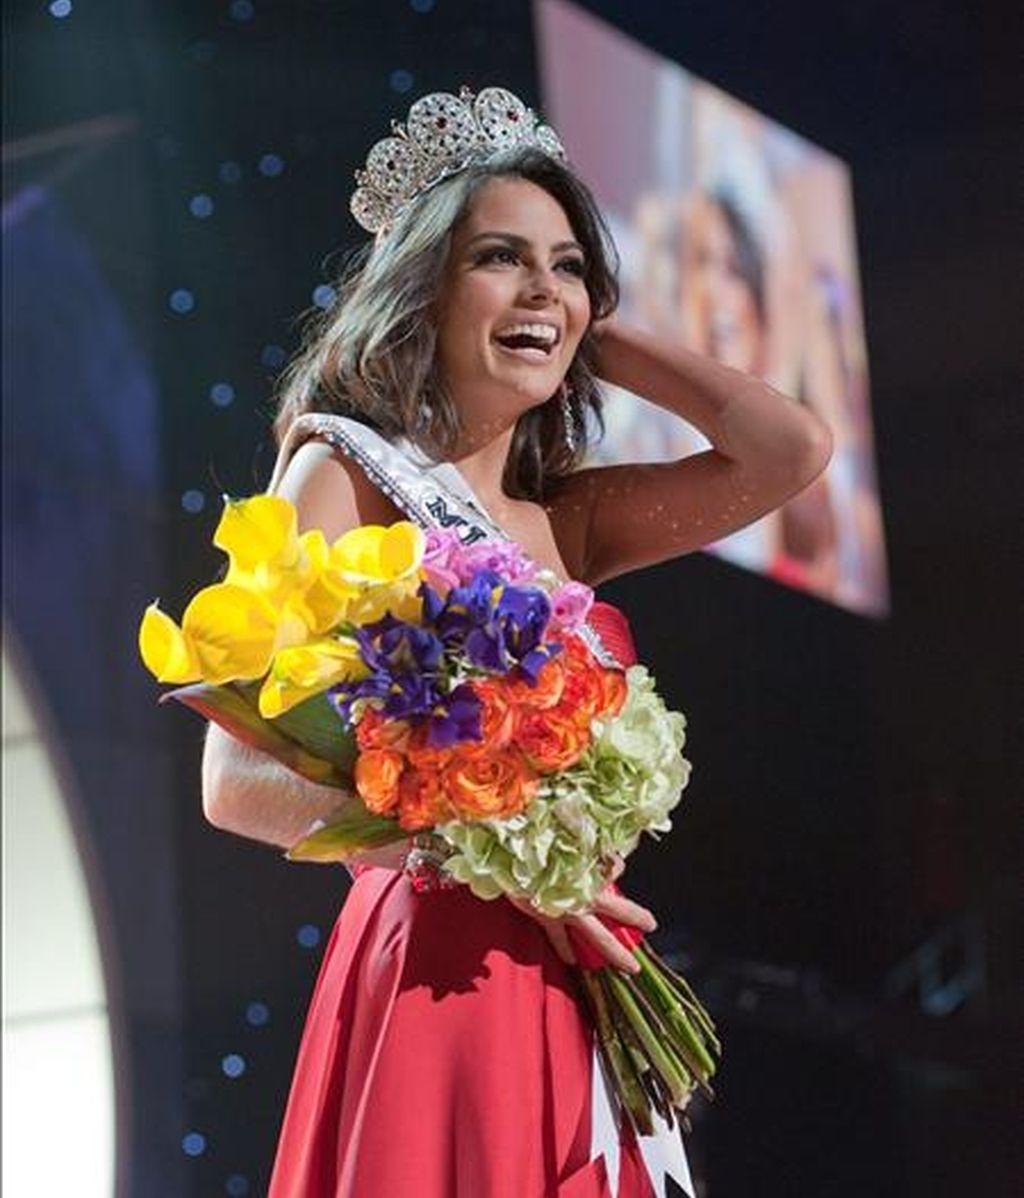 La candidata de México, Jimena Navarrete, es coronada Miss Universo 2010. Video: Informativos Telecinco